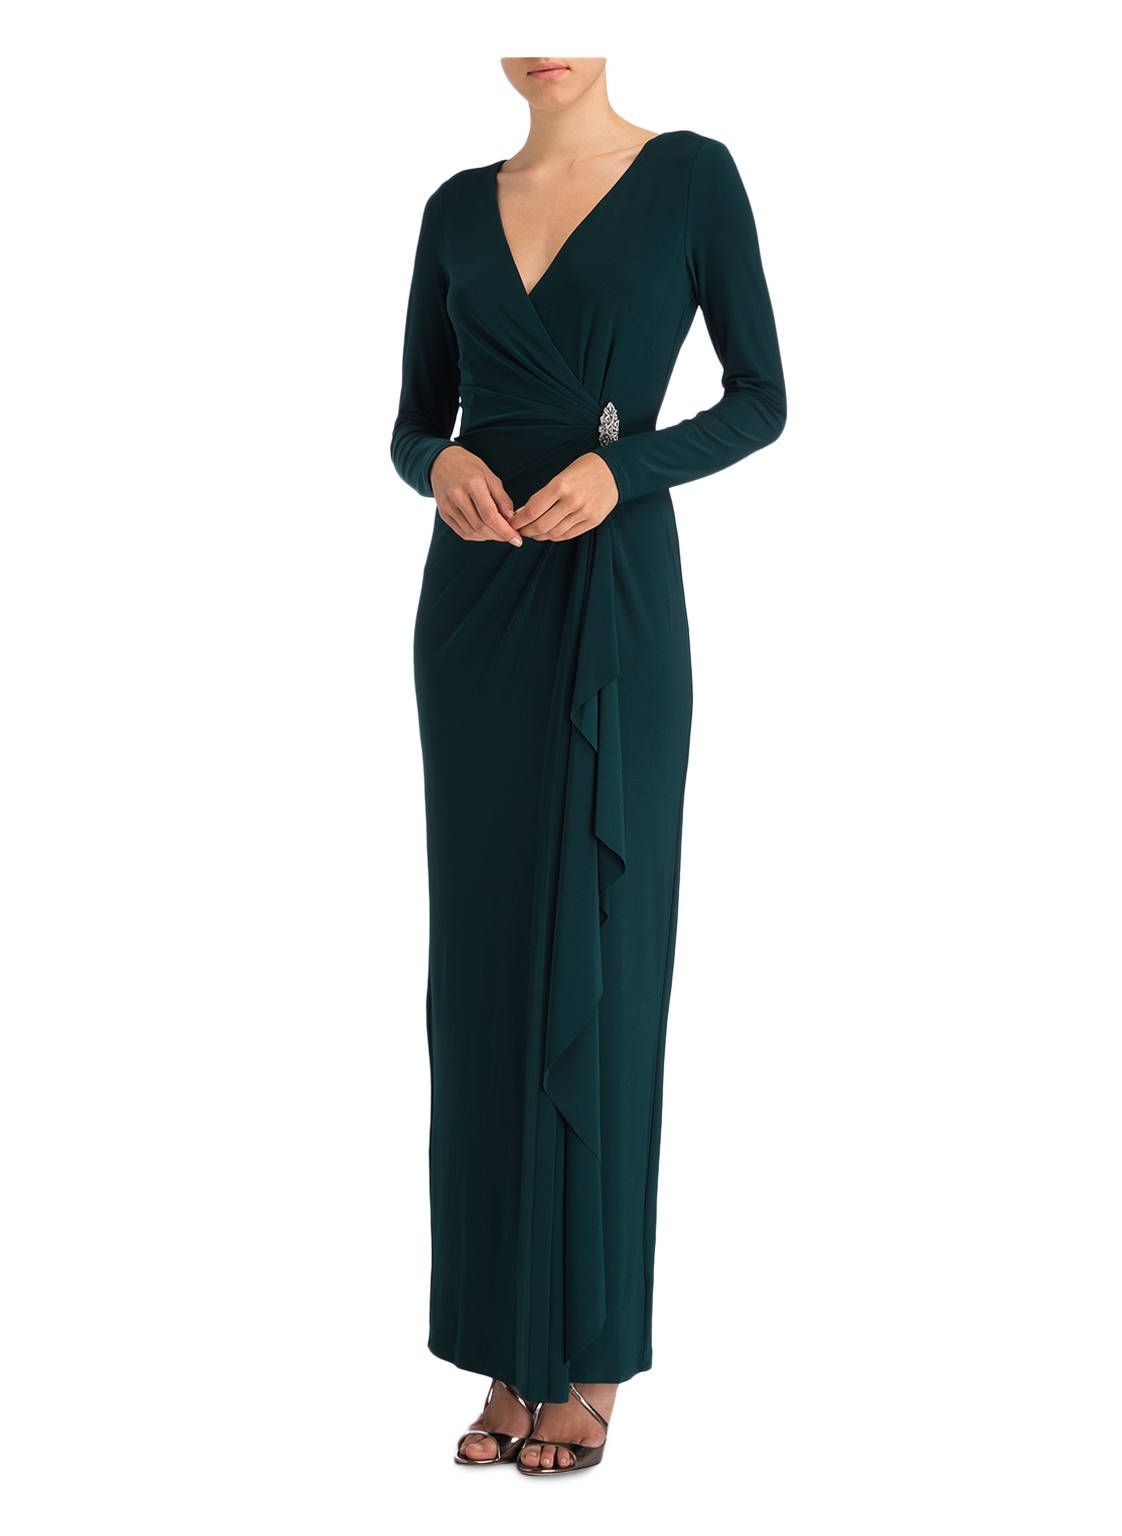 Formal Einzigartig Abendkleid Ralph Lauren für 201920 Einzigartig Abendkleid Ralph Lauren Boutique